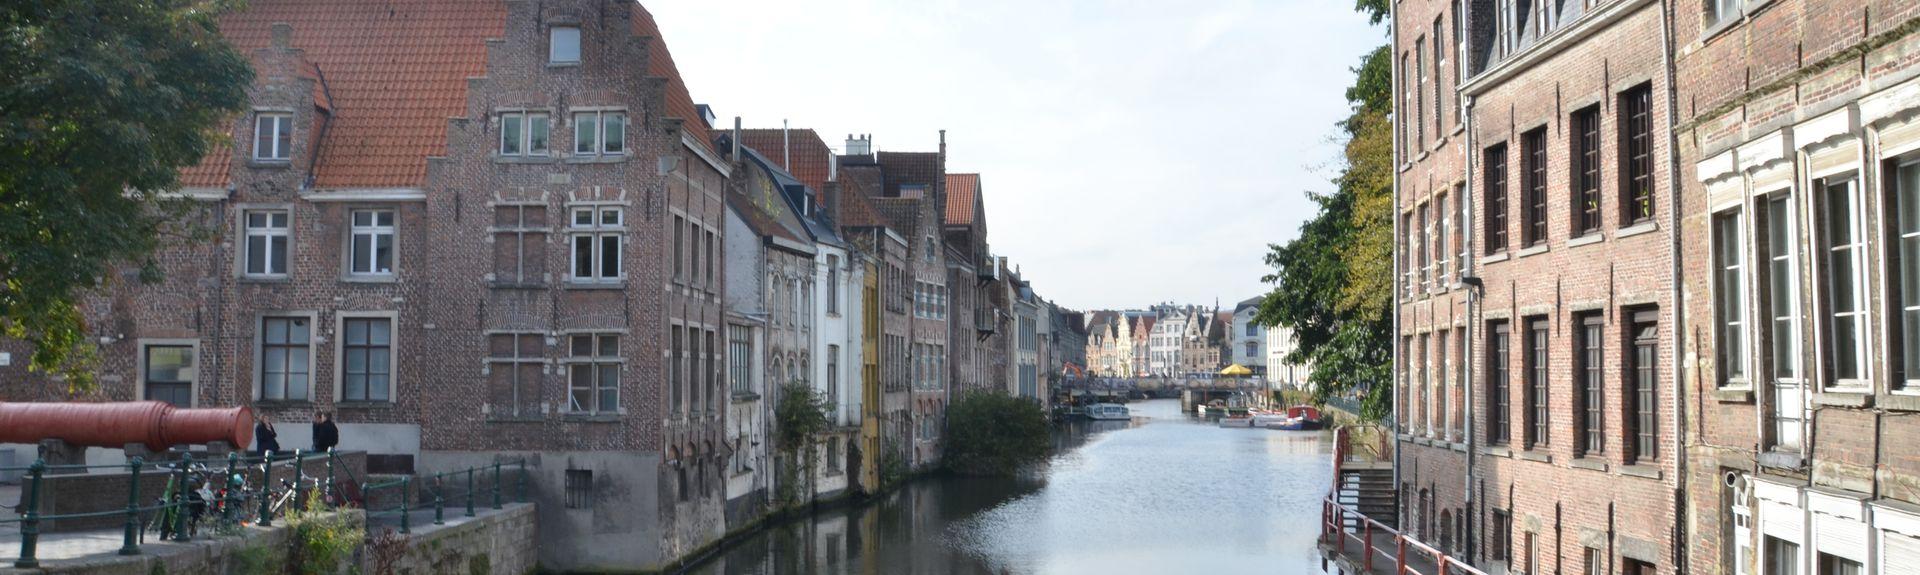 Gavere, Region Flamandzki, Belgia